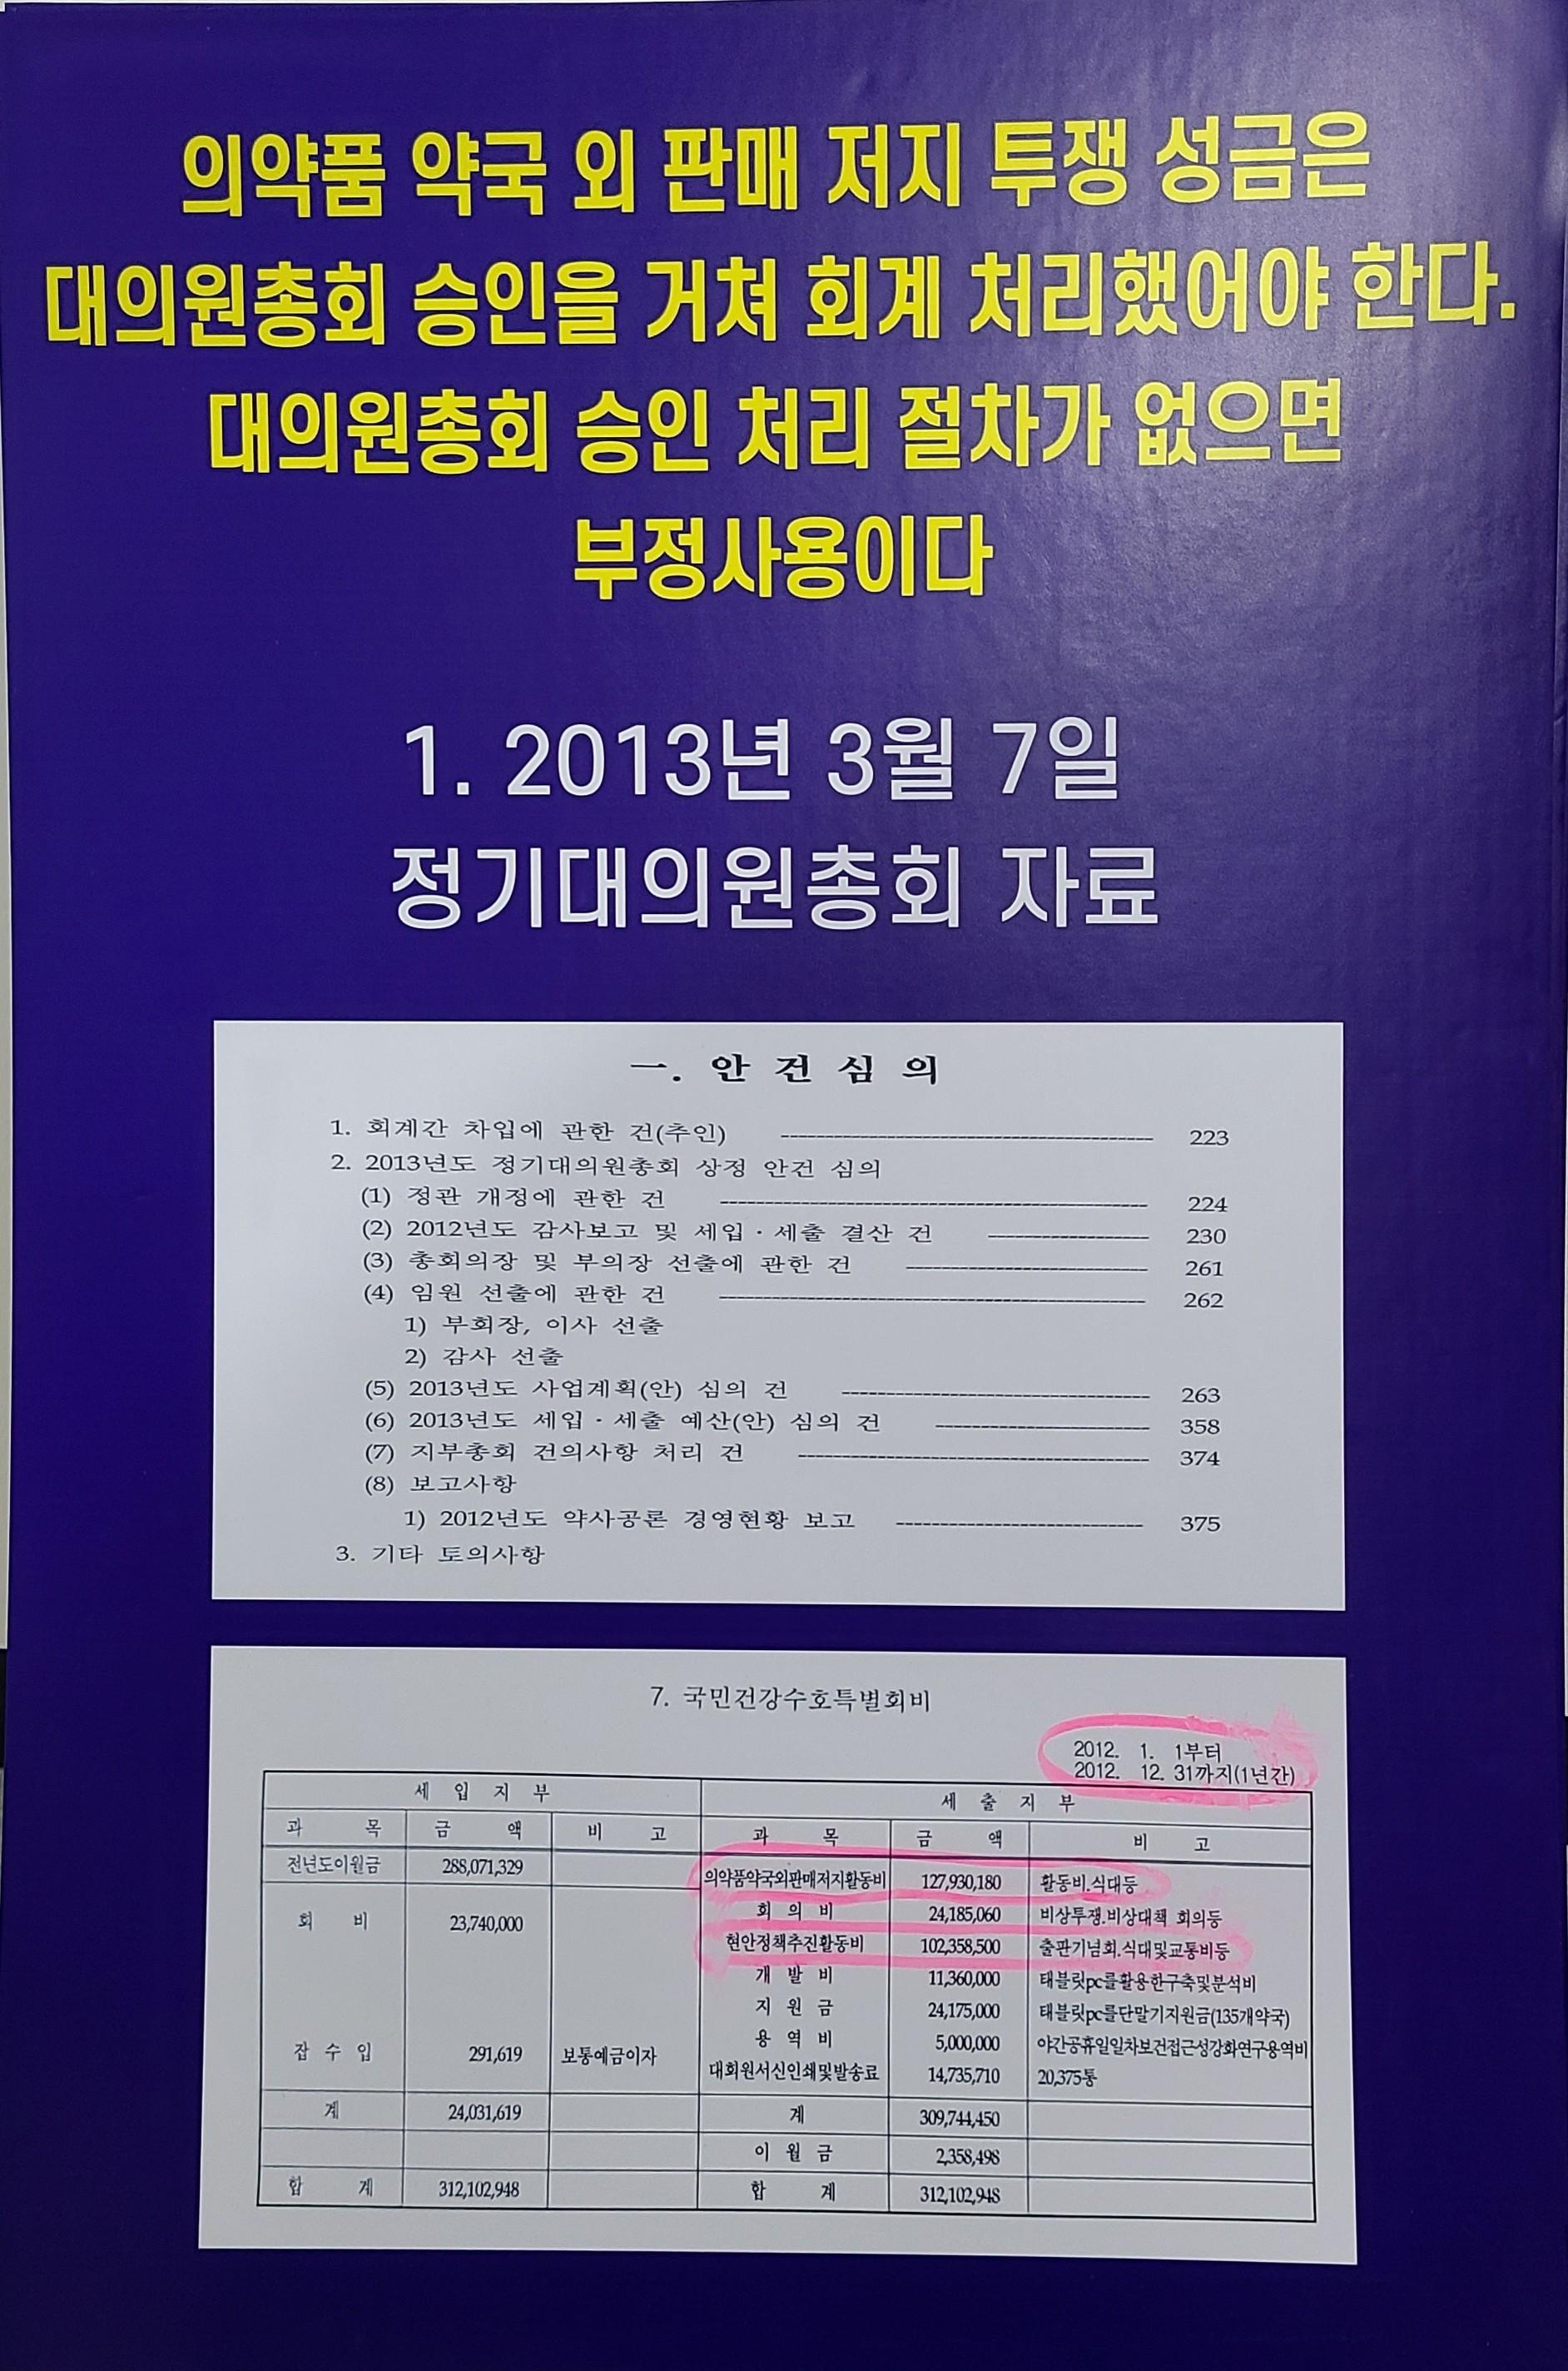 약준모 장동석 회장 기자회견 자료(1)